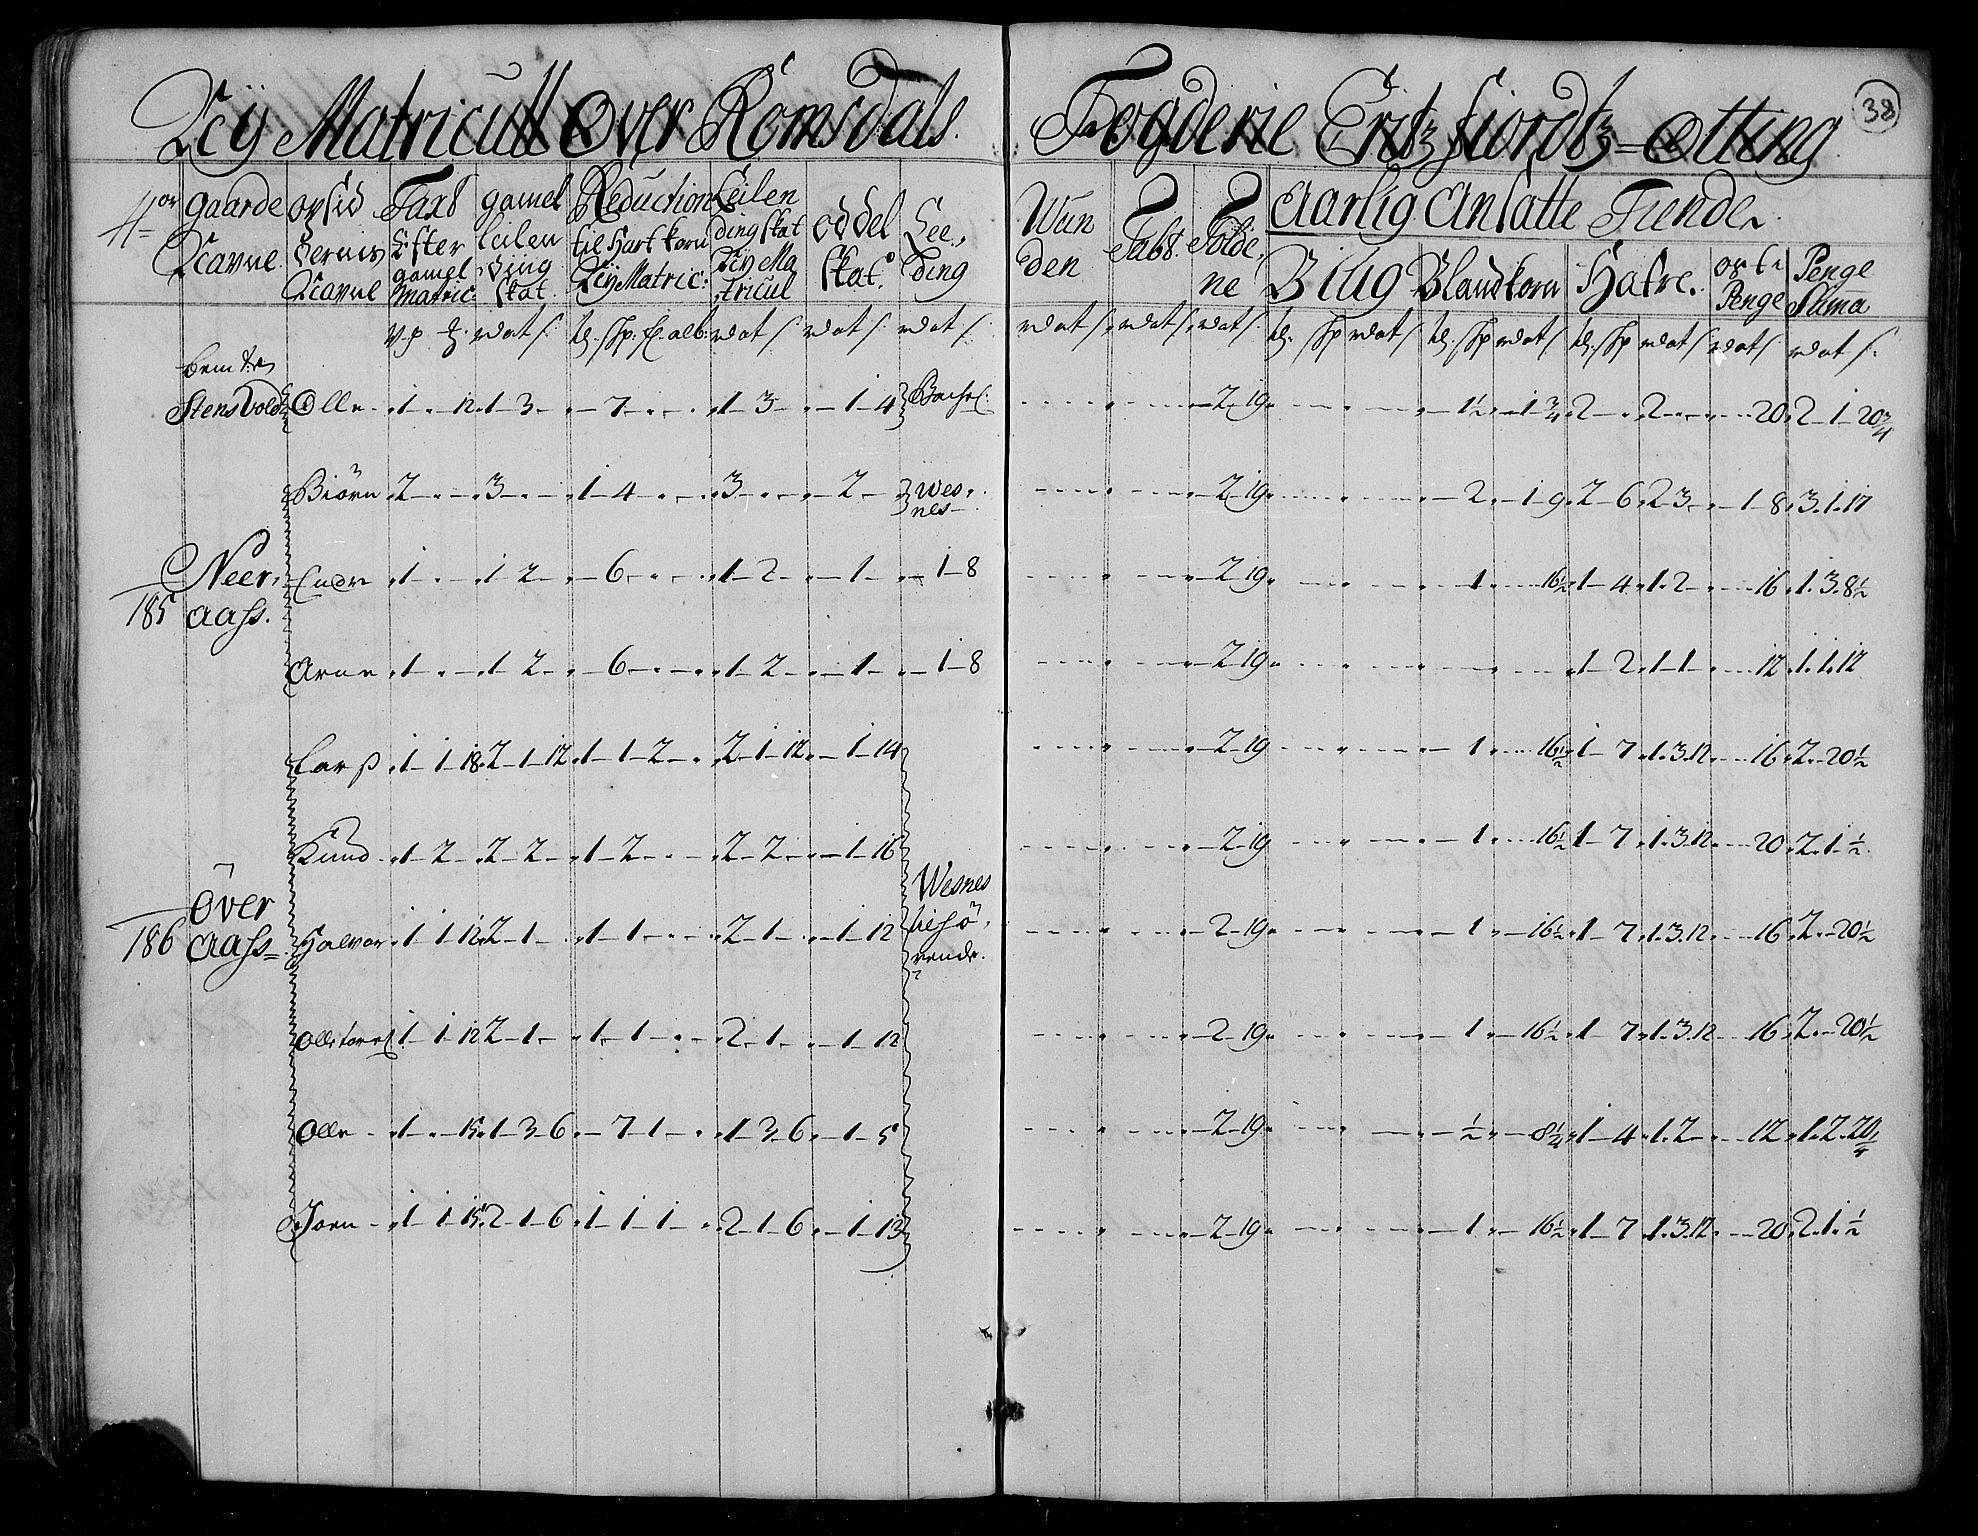 RA, Rentekammeret inntil 1814, Realistisk ordnet avdeling, N/Nb/Nbf/L0153: Romsdal matrikkelprotokoll, 1724, p. 39